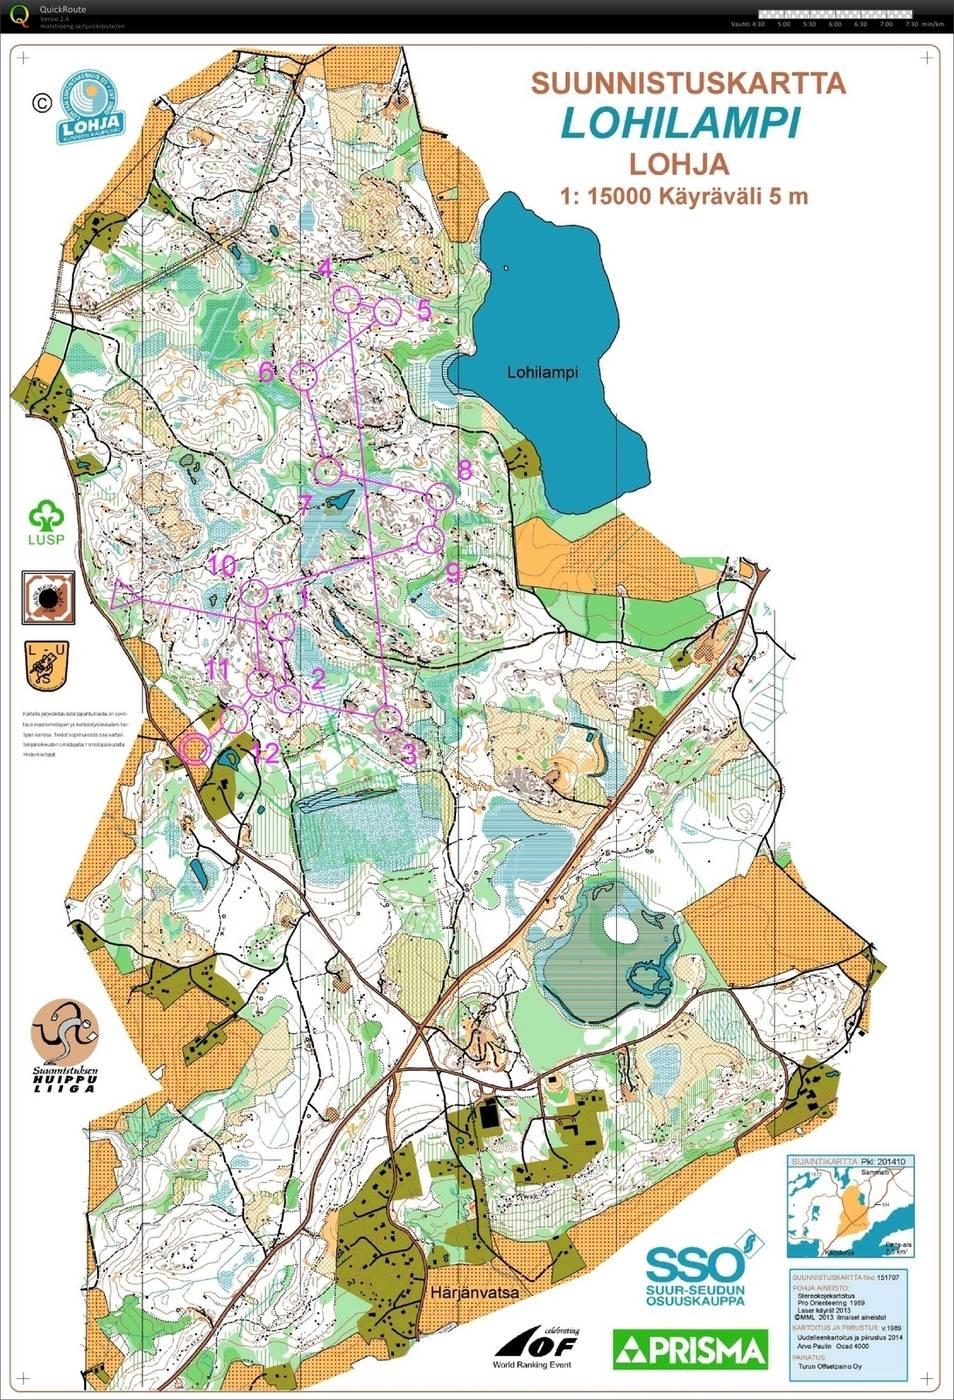 PRISMArastit H20E May 14th 2015 Orienteering Map from Anton Kuukka